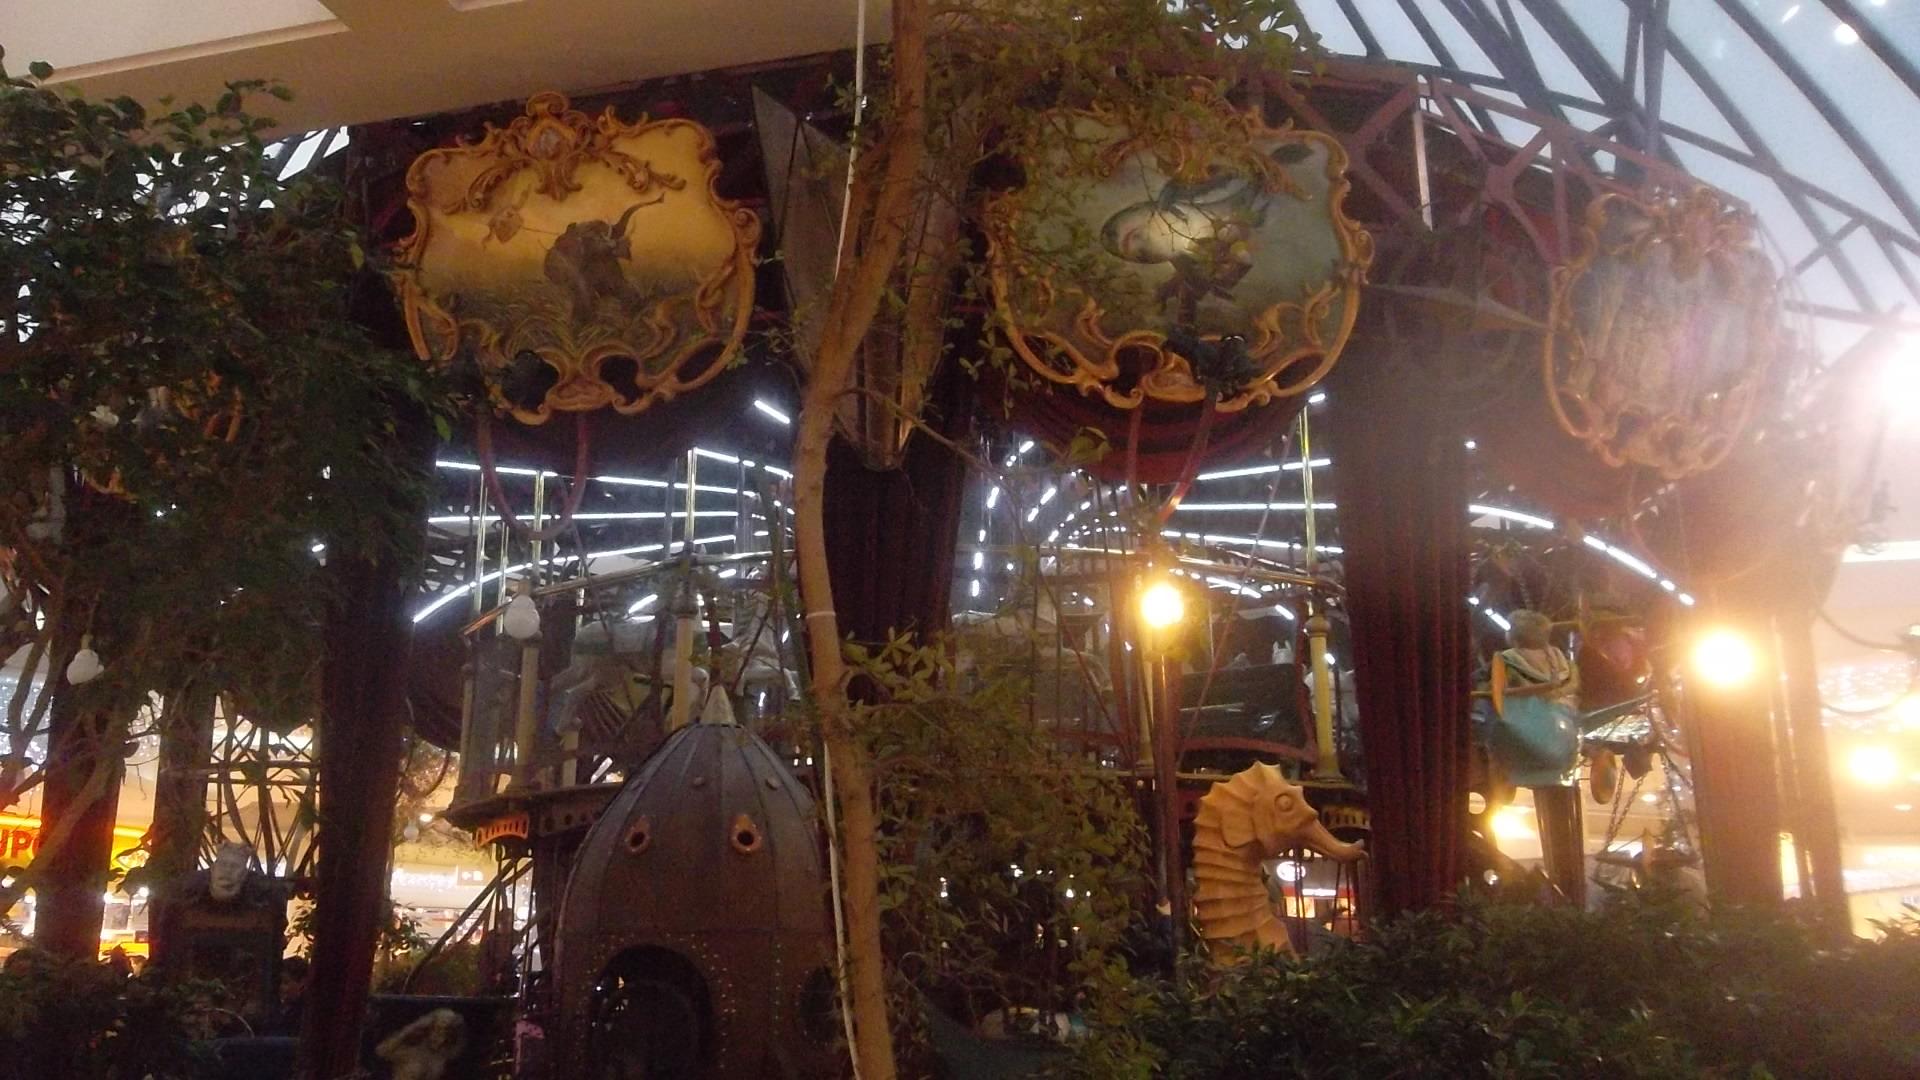 nantes-galeries-des-machines-carrousel-atlantis-dec13